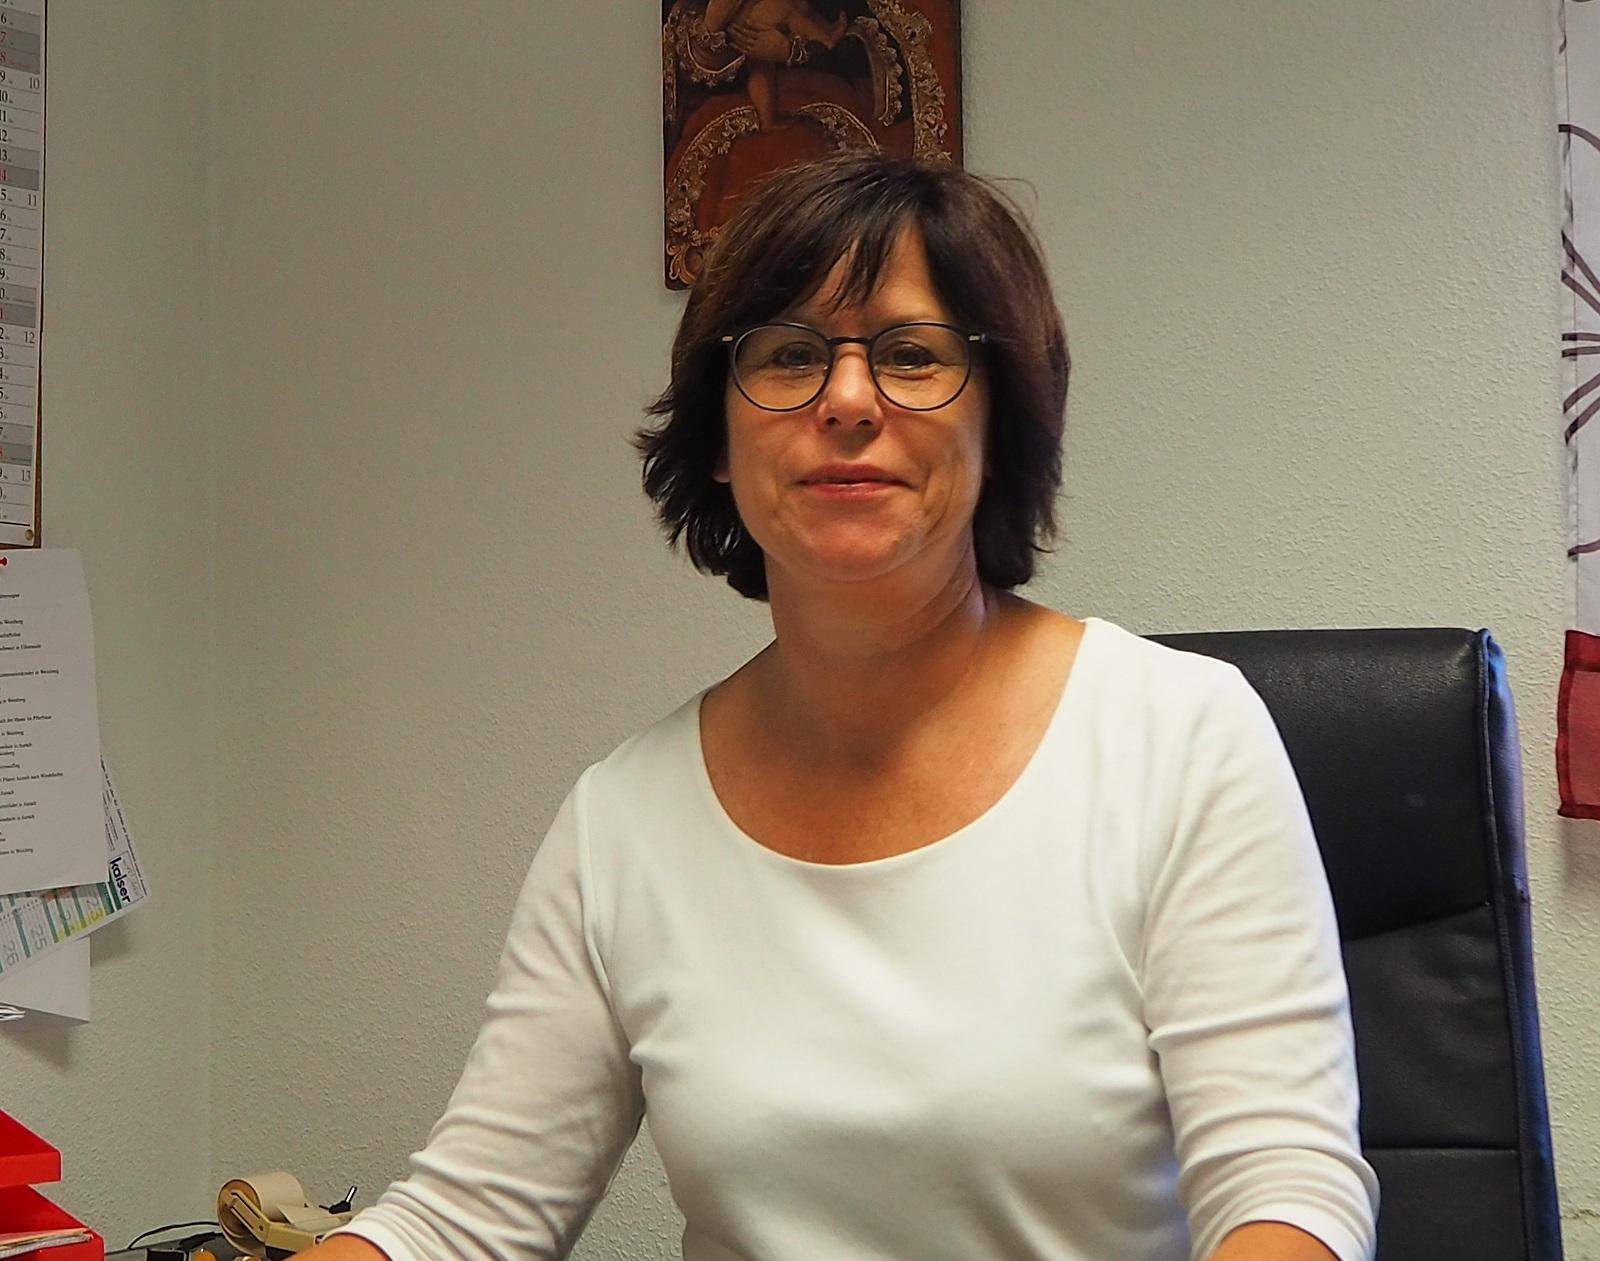 Pfarrsekretärin Jutta Sieber